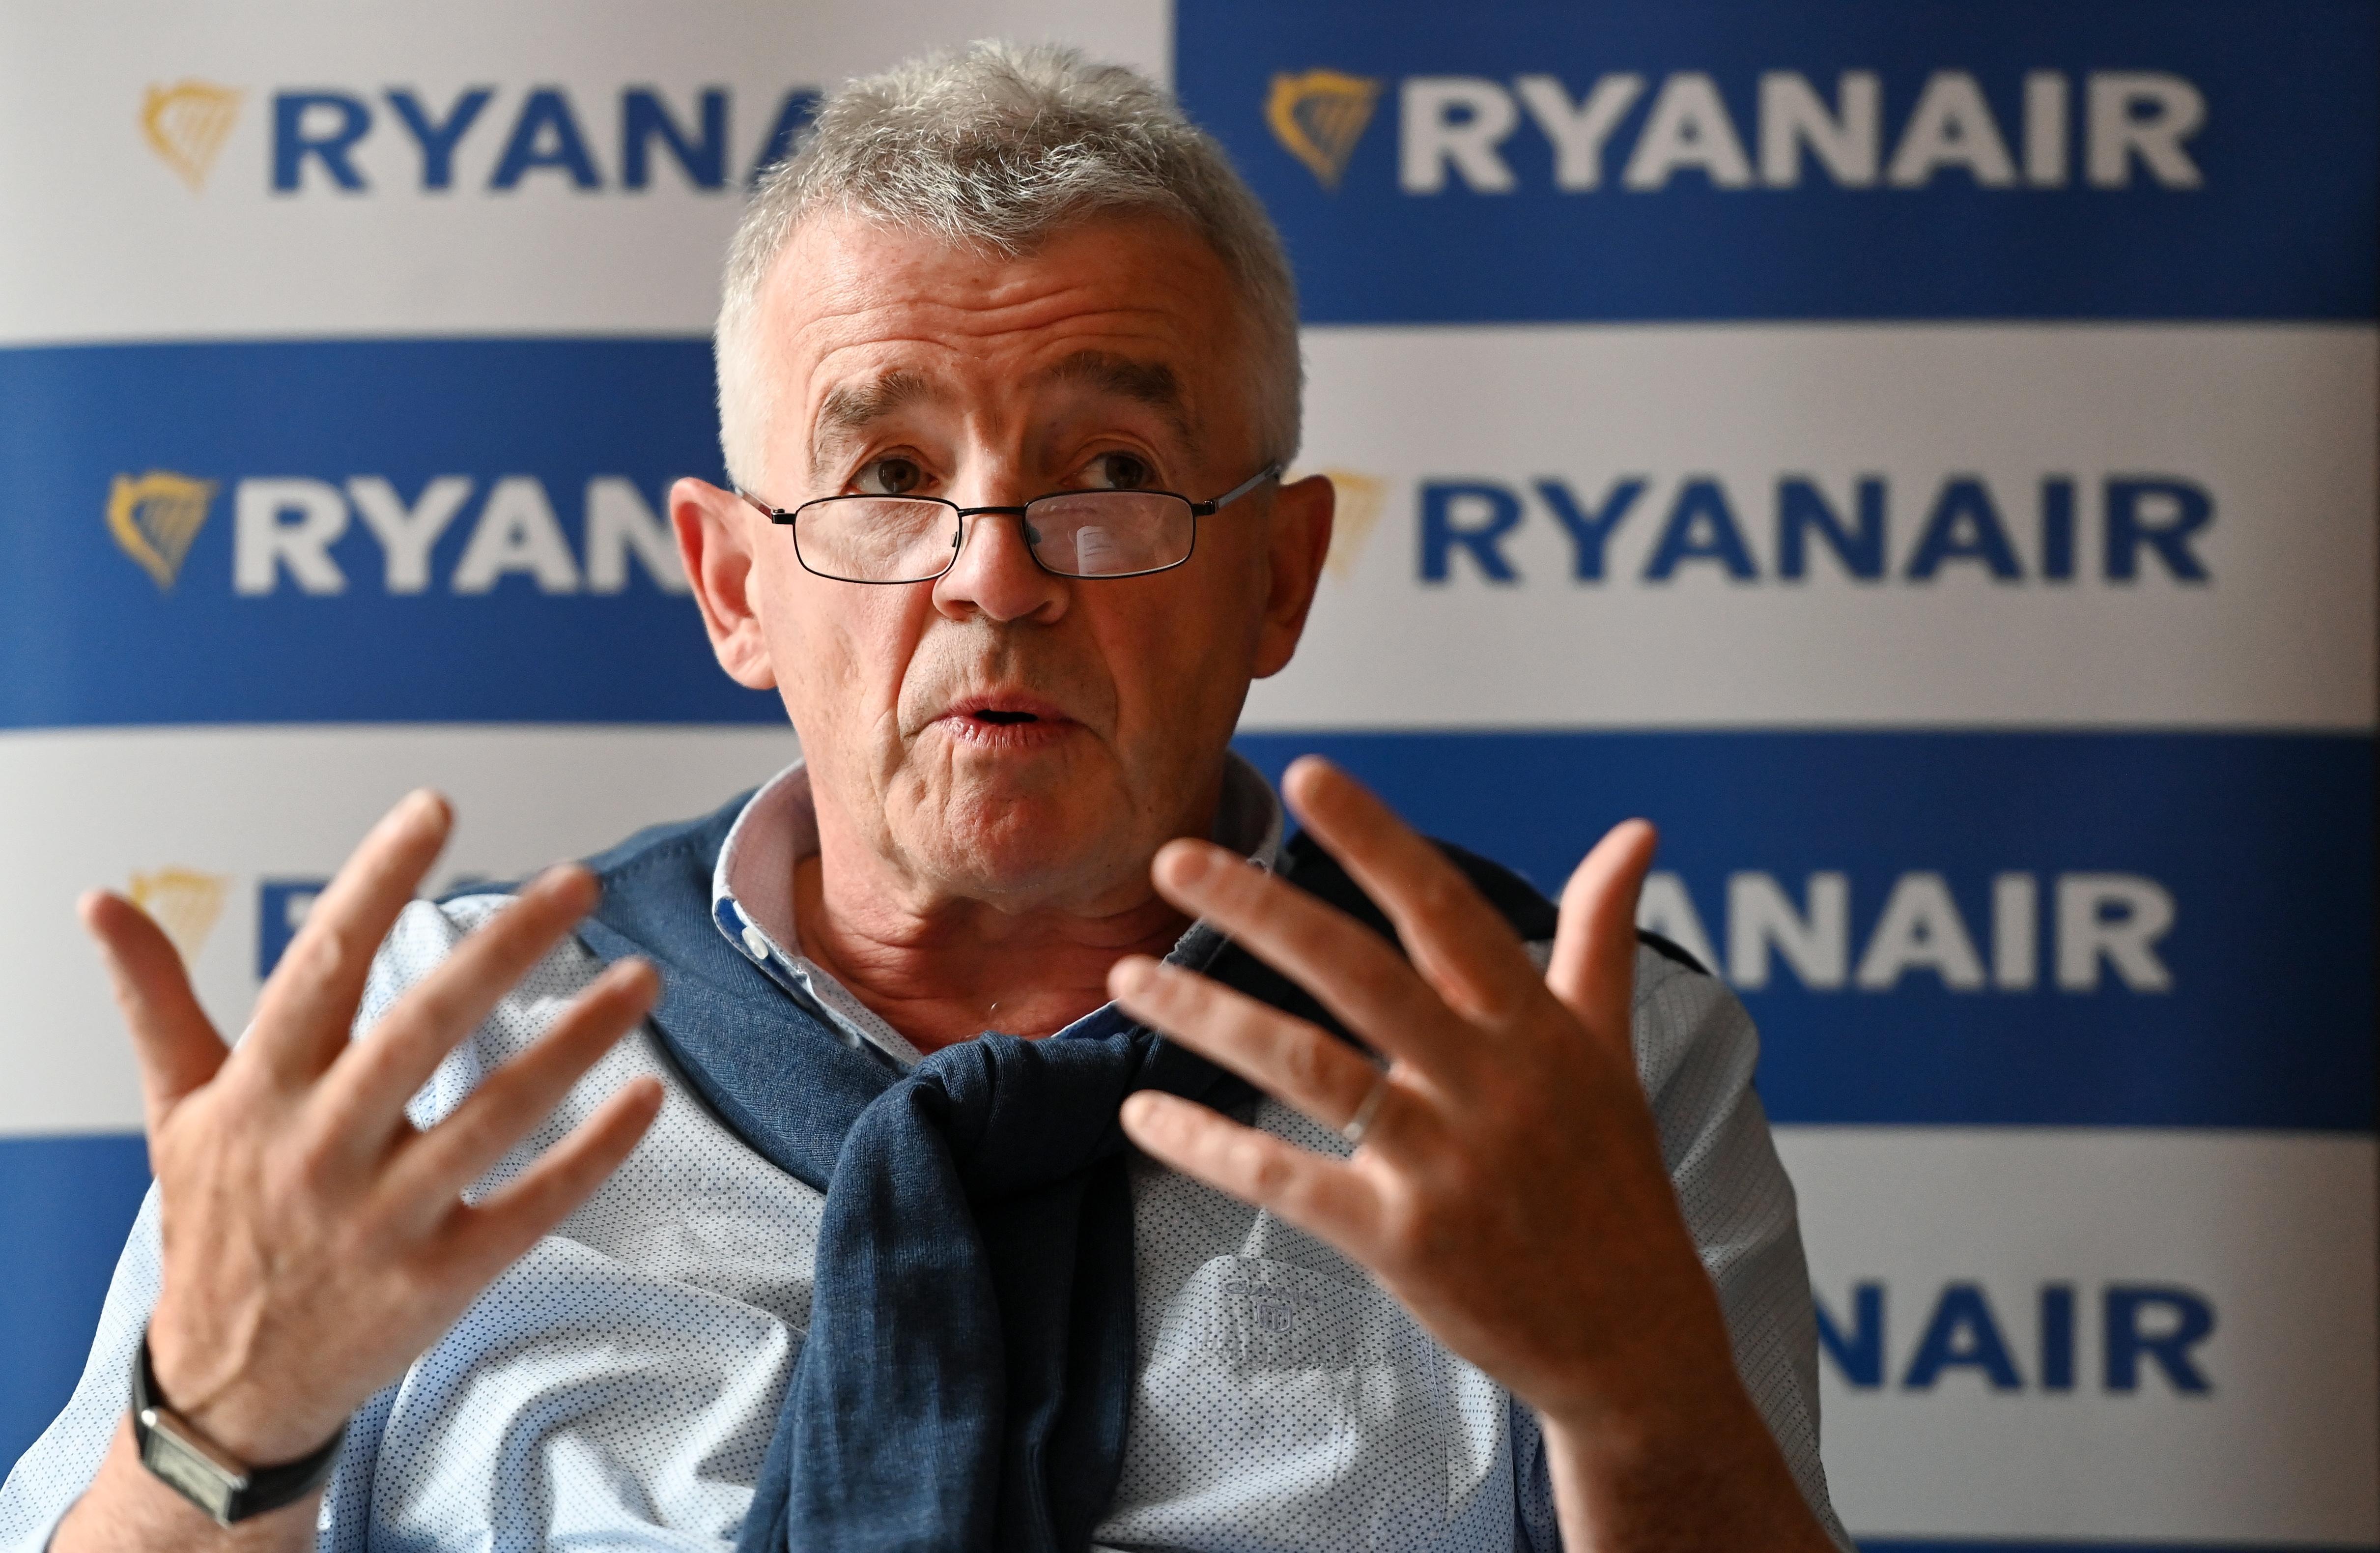 Ryanair startet in Wien durch:  Neue Flugzeuge, neue Strecken